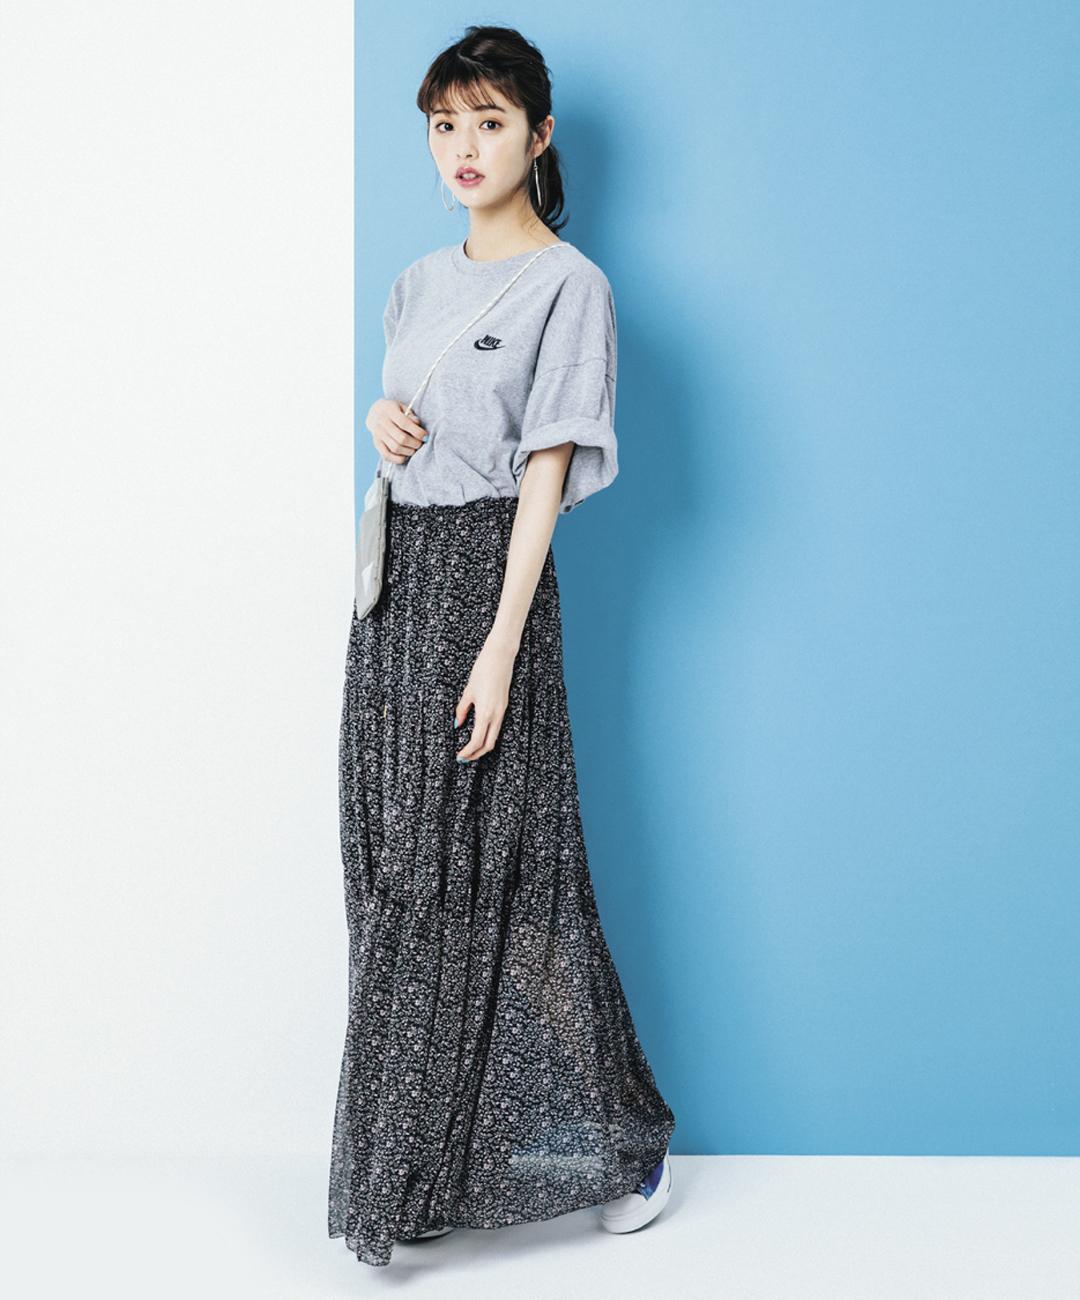 【夏のロングスカートコーデ】鈴木優華は、フェミニンな小花柄スカートでロゴTに特別感をプラス★